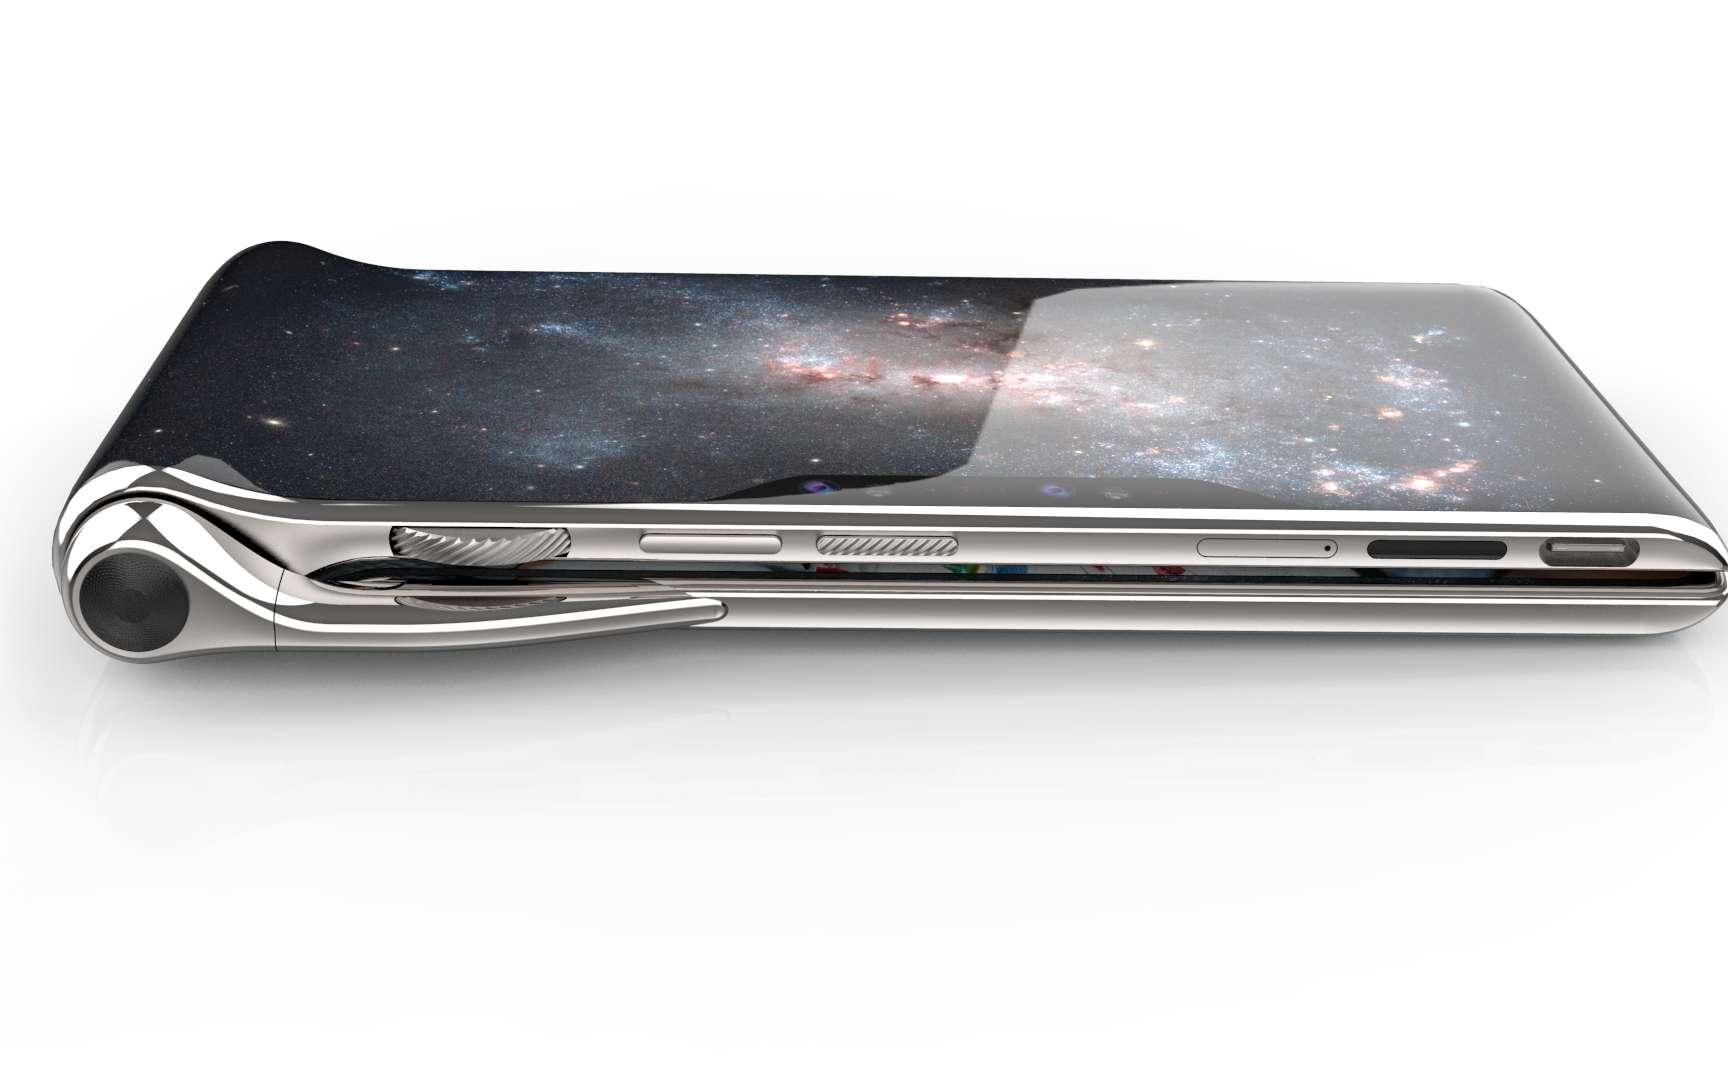 Le HubblePhone de Turing est un smartphone sans concession. Mais tout cela est-il vraiment réaliste ? © HubblePhone